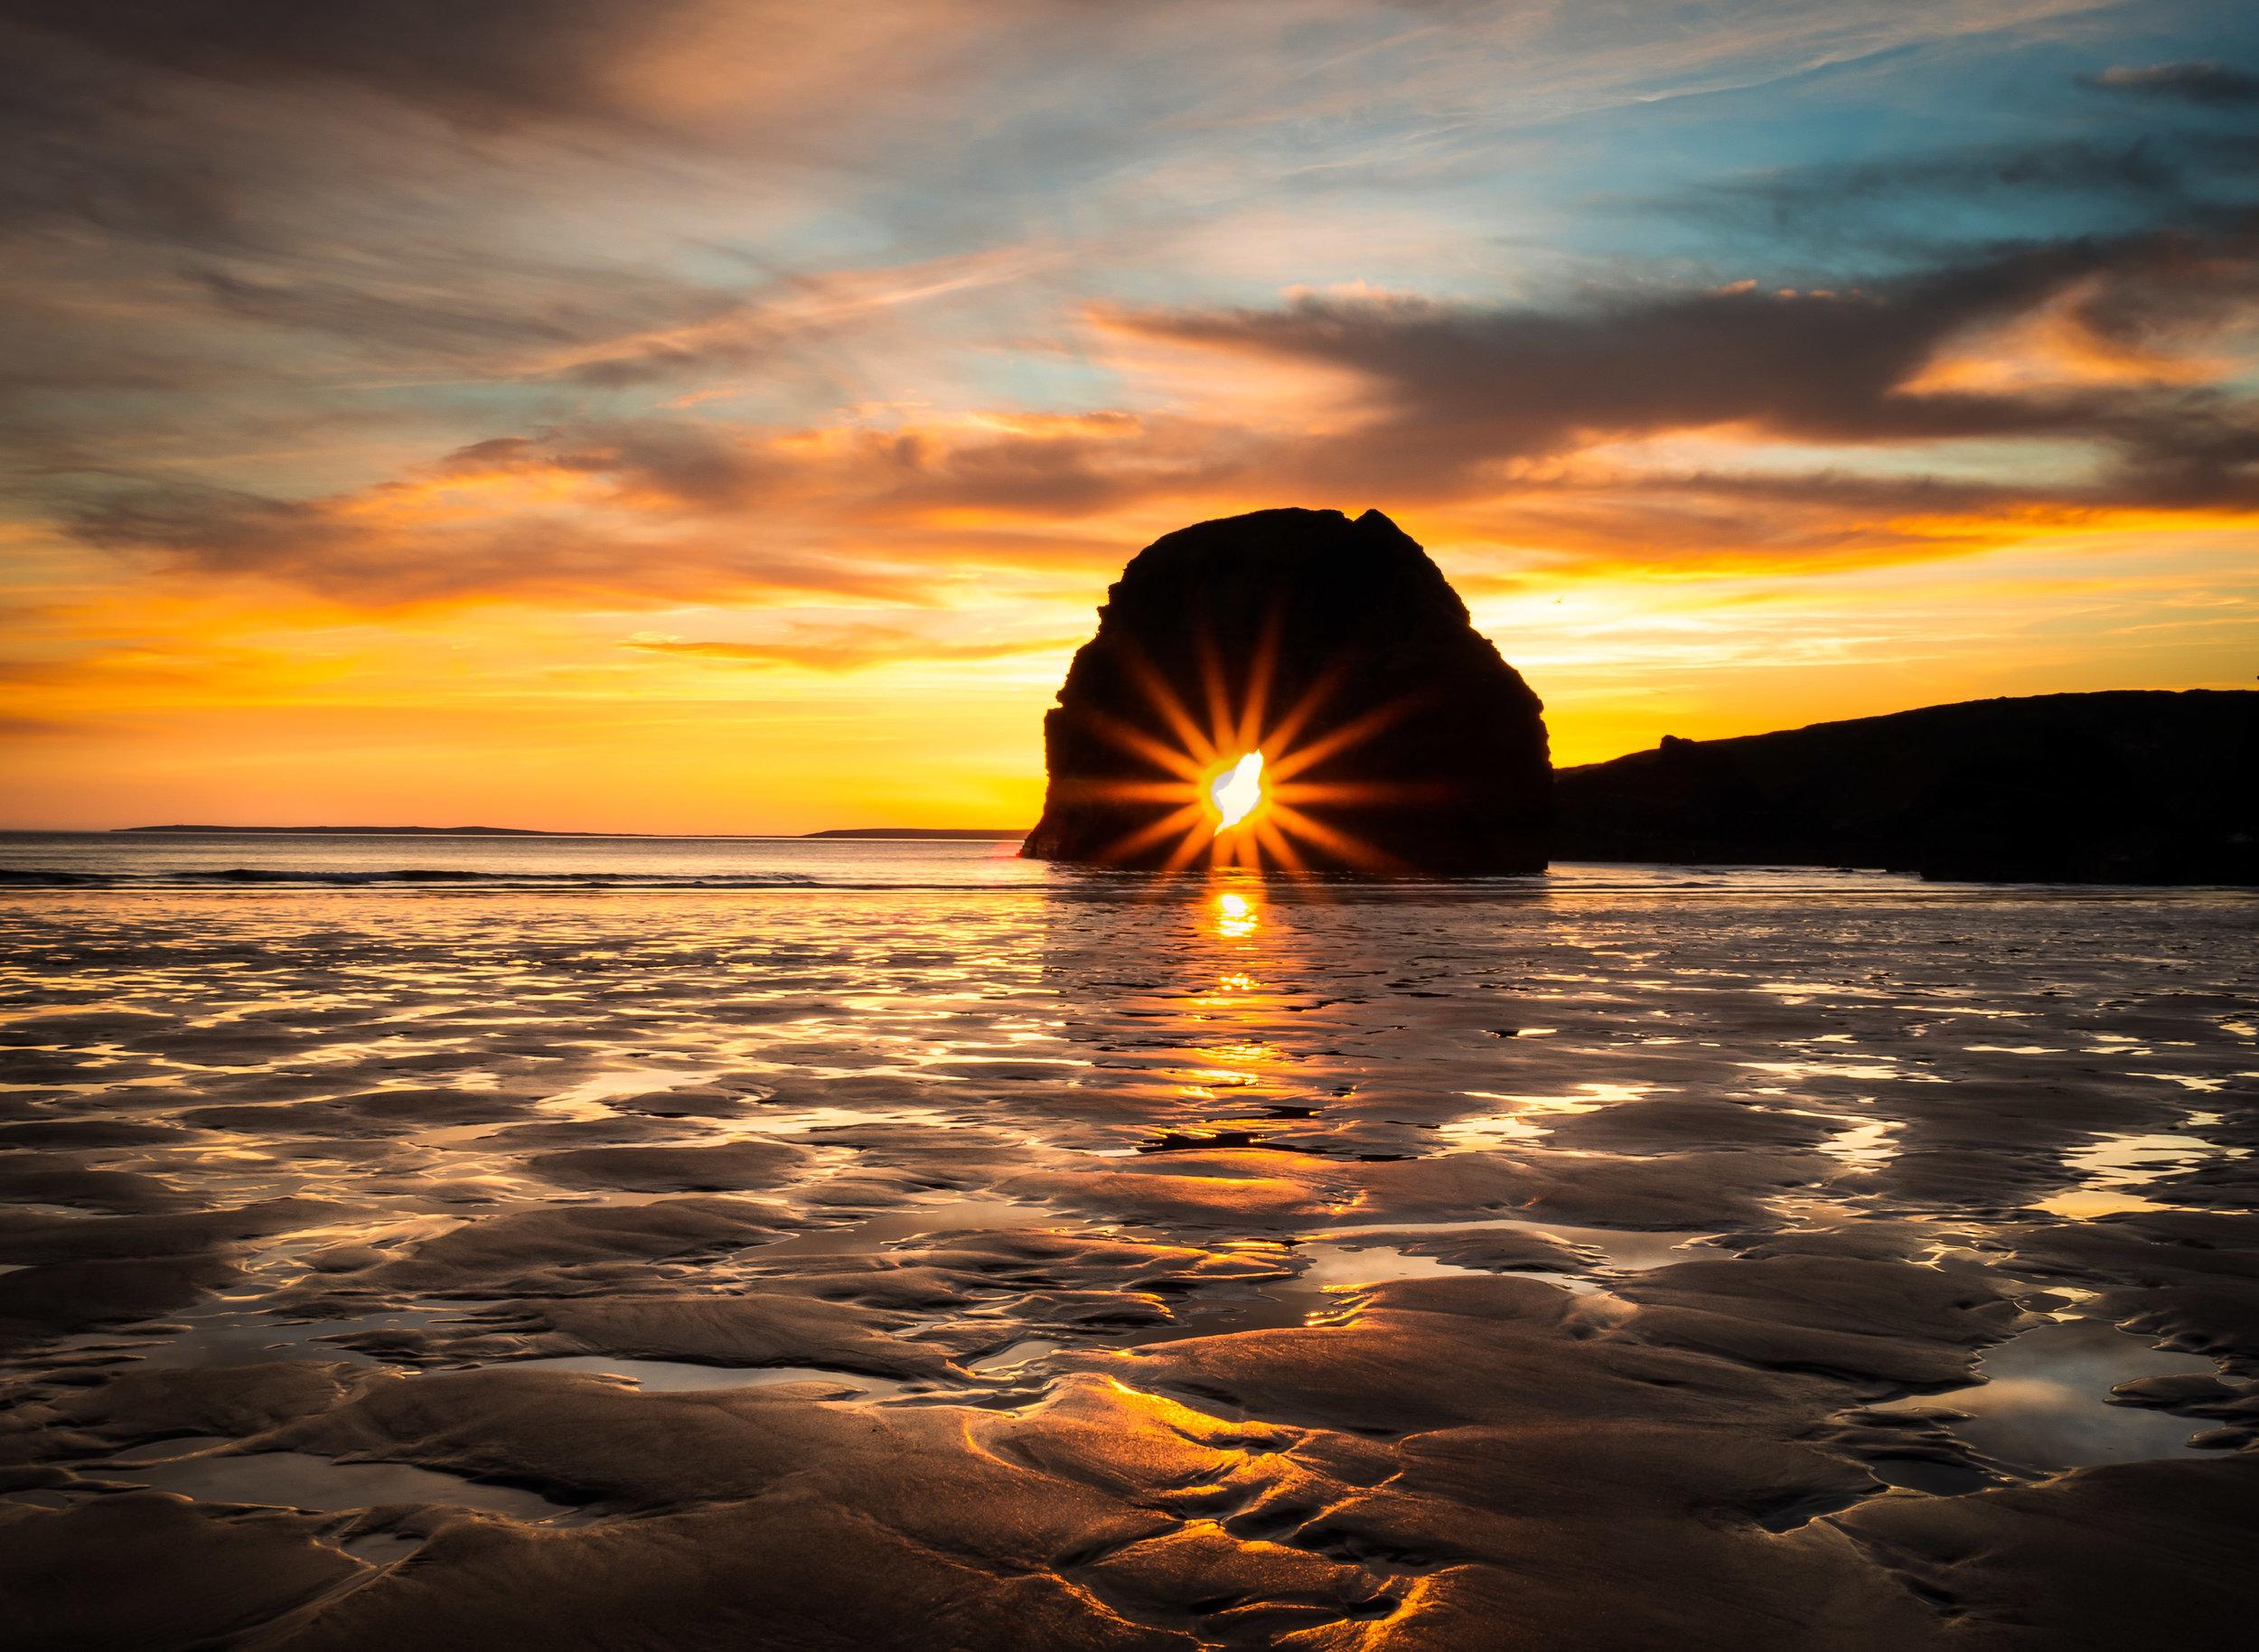 Have you ever seen the sun pass through the sea arch at Nun's Beach, Ballybunion?